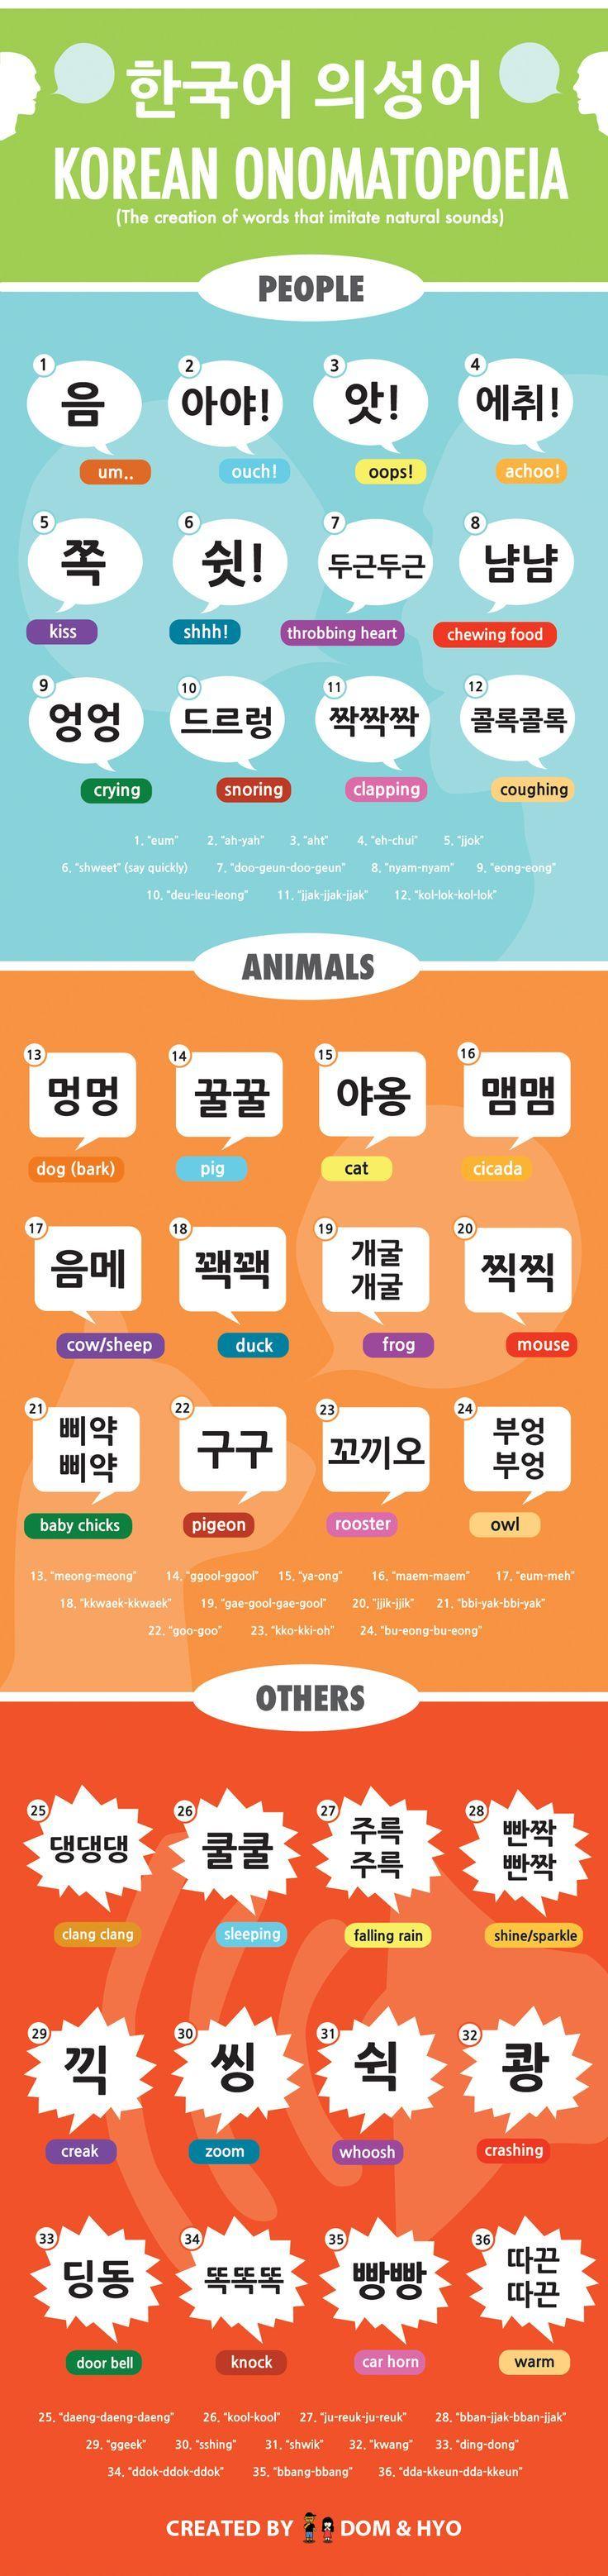 Learn Korean onomatopoeias with this fun infographic!